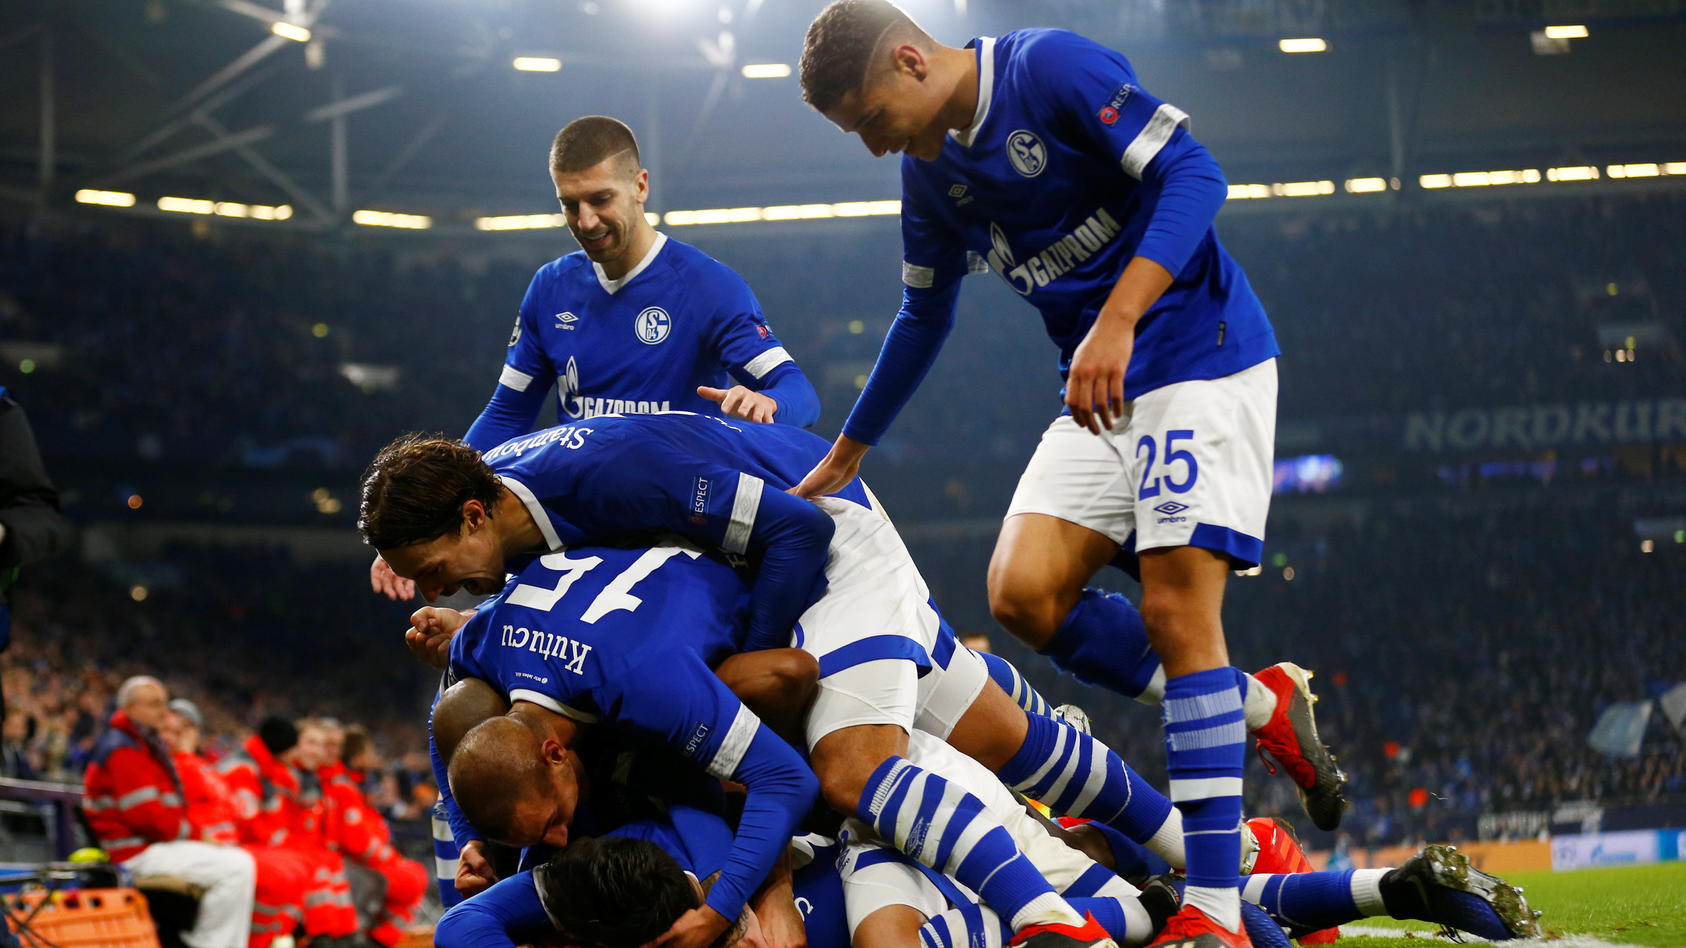 Schalke Champions League 2011